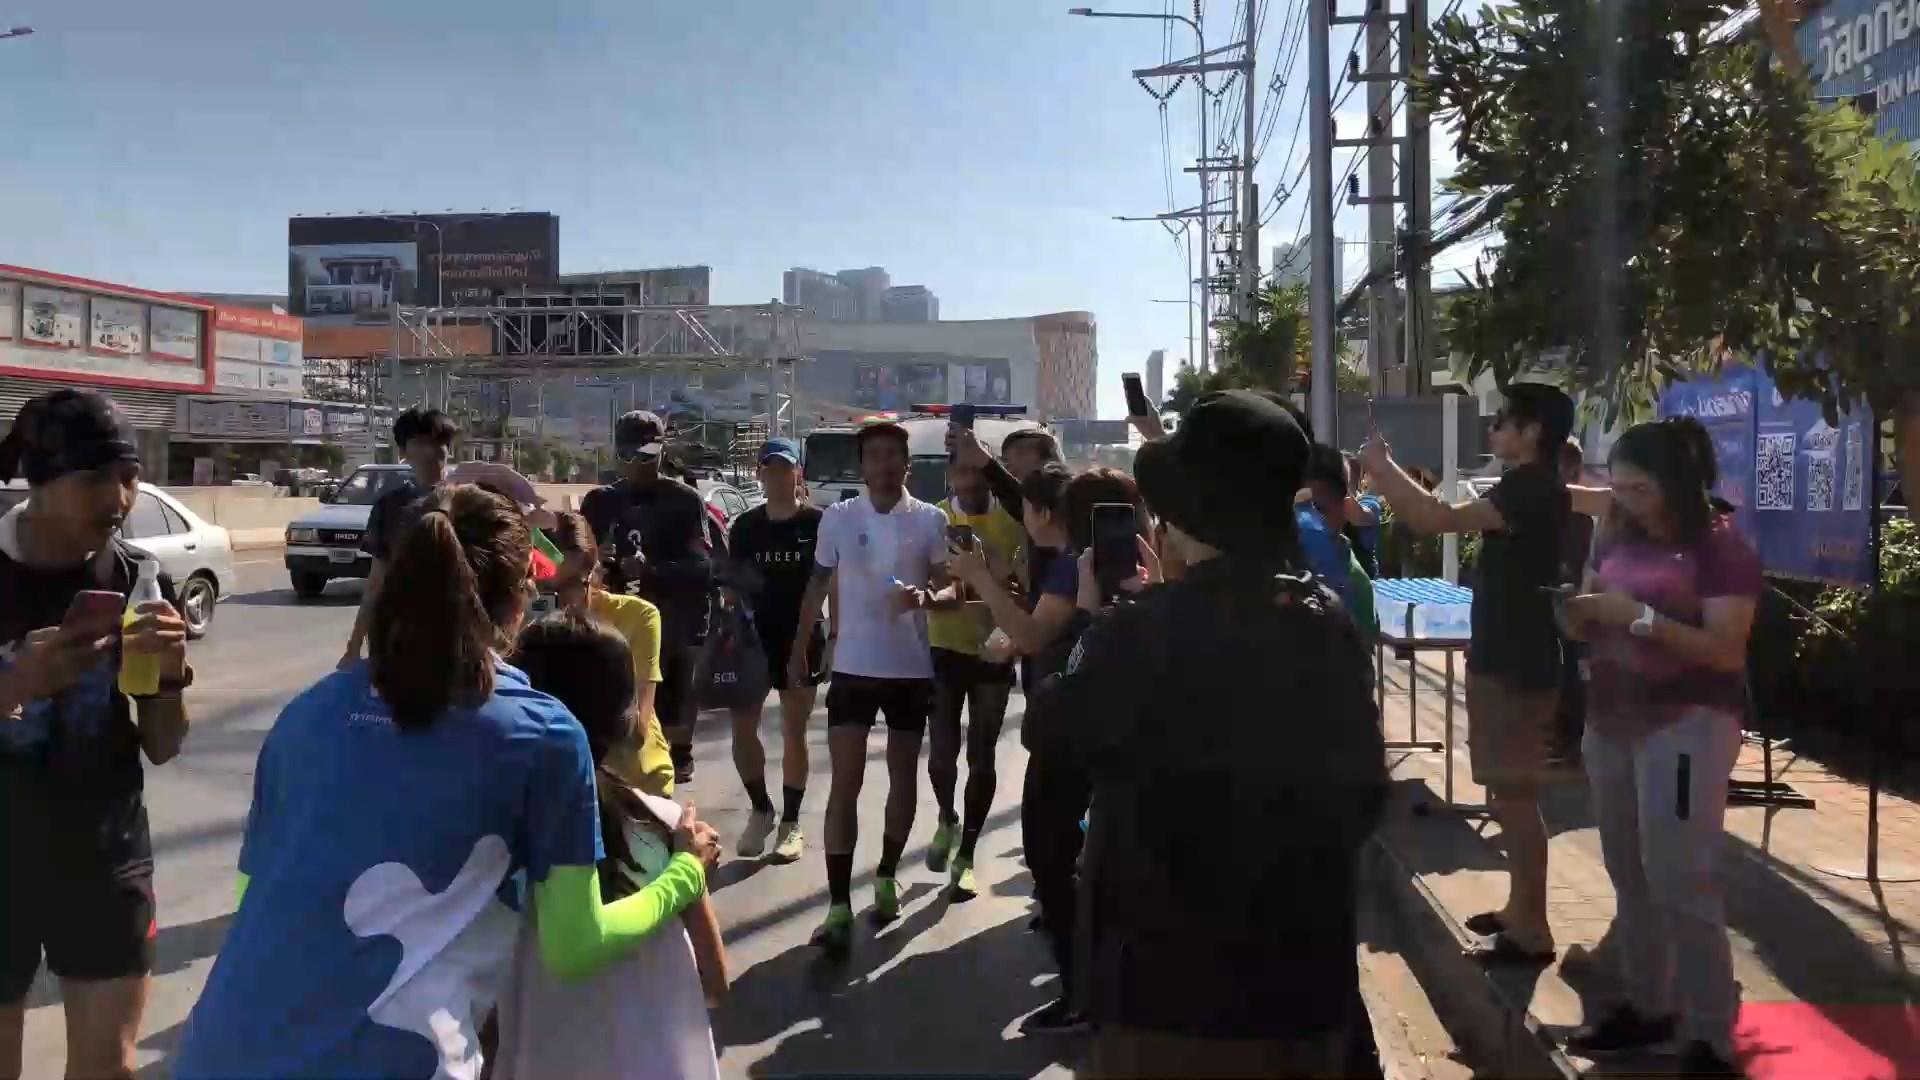 """""""พี่ตูน""""นำทีมก้าวคนละก้าววิ่งถึงเชียงใหม่ระดมทุนช่วย 7 ร.พ.ภาคเหนือ"""